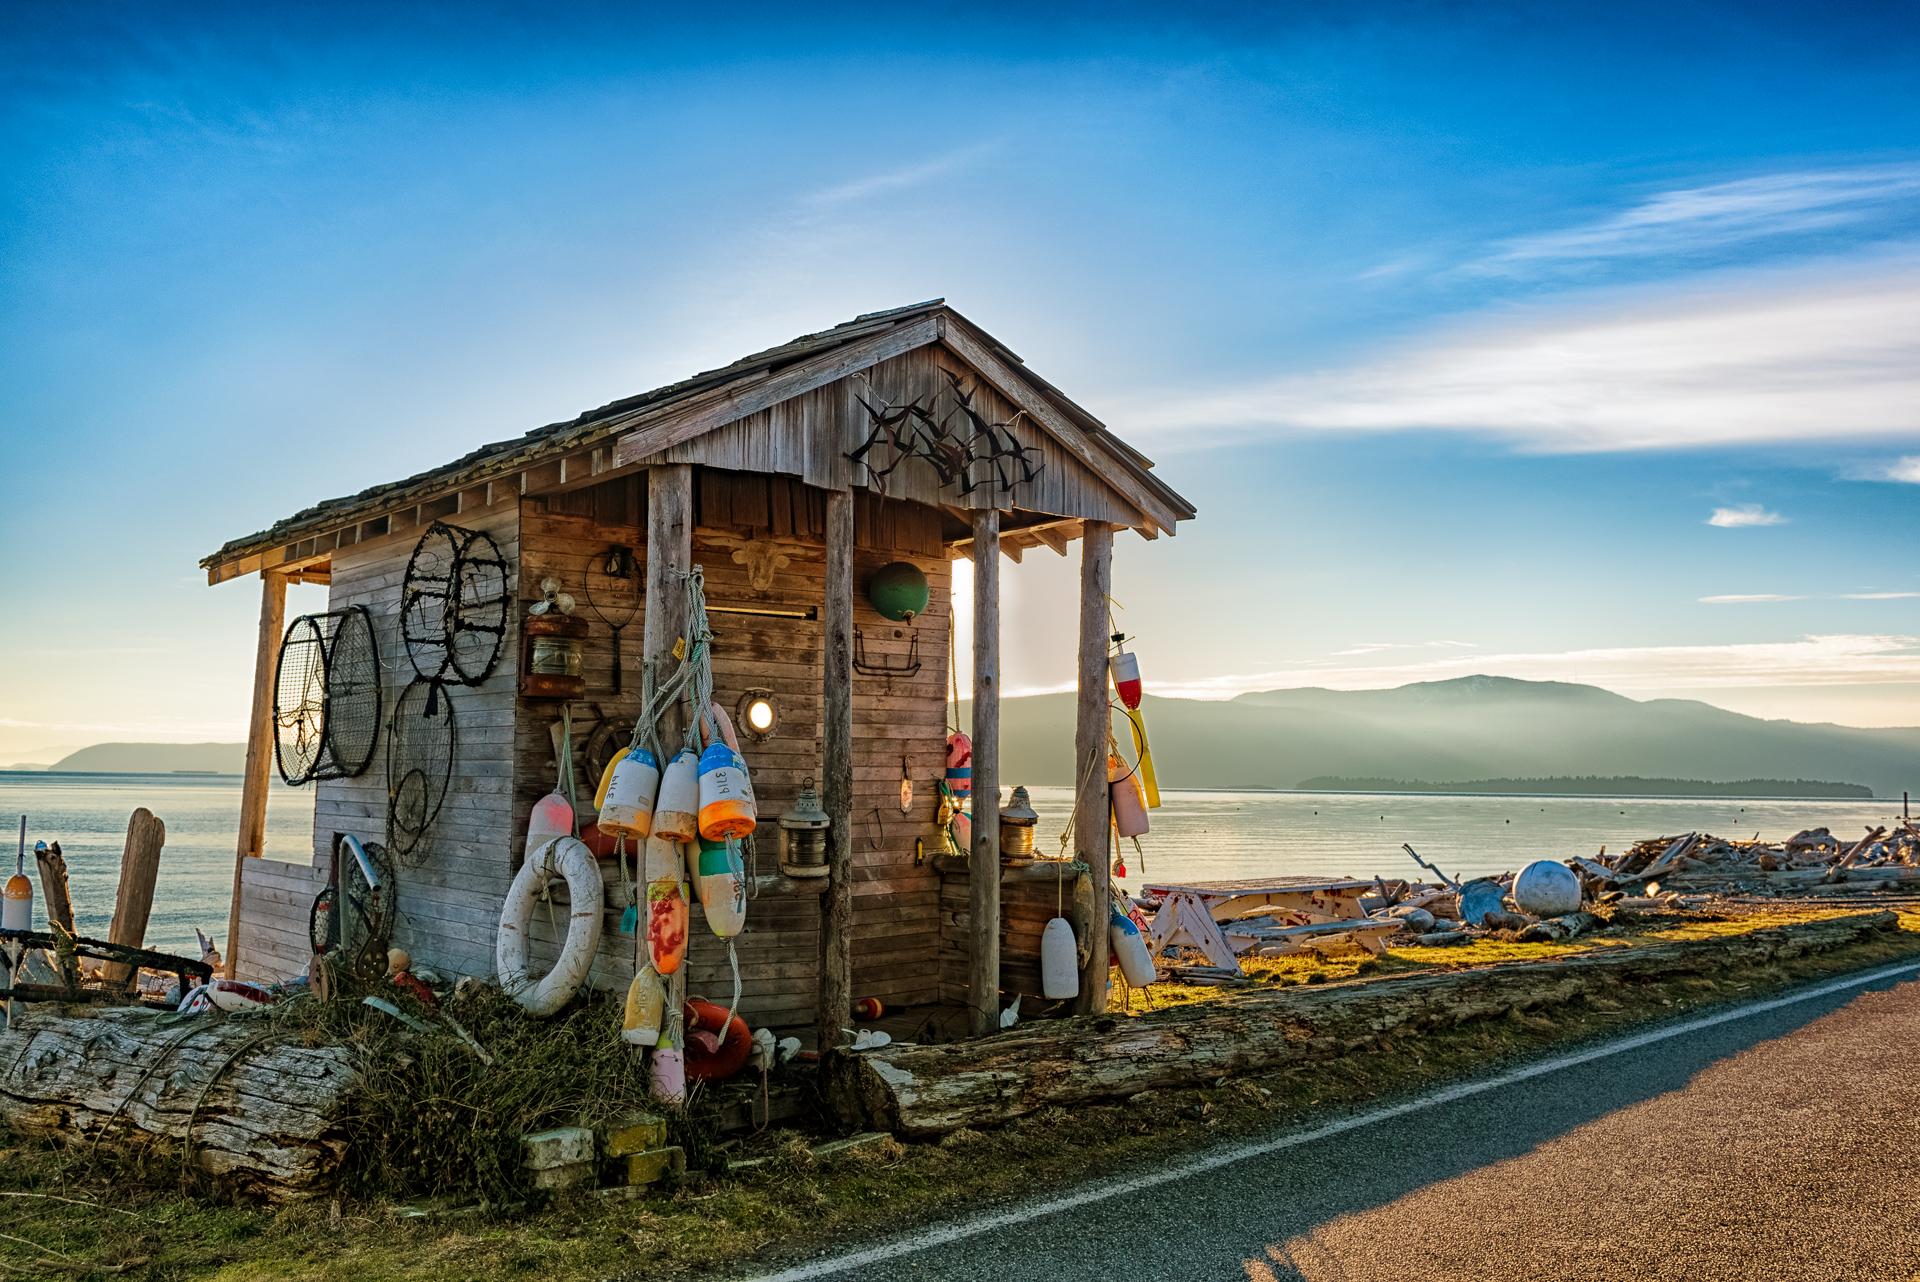 Fishing shed, Legoe Bay, USA